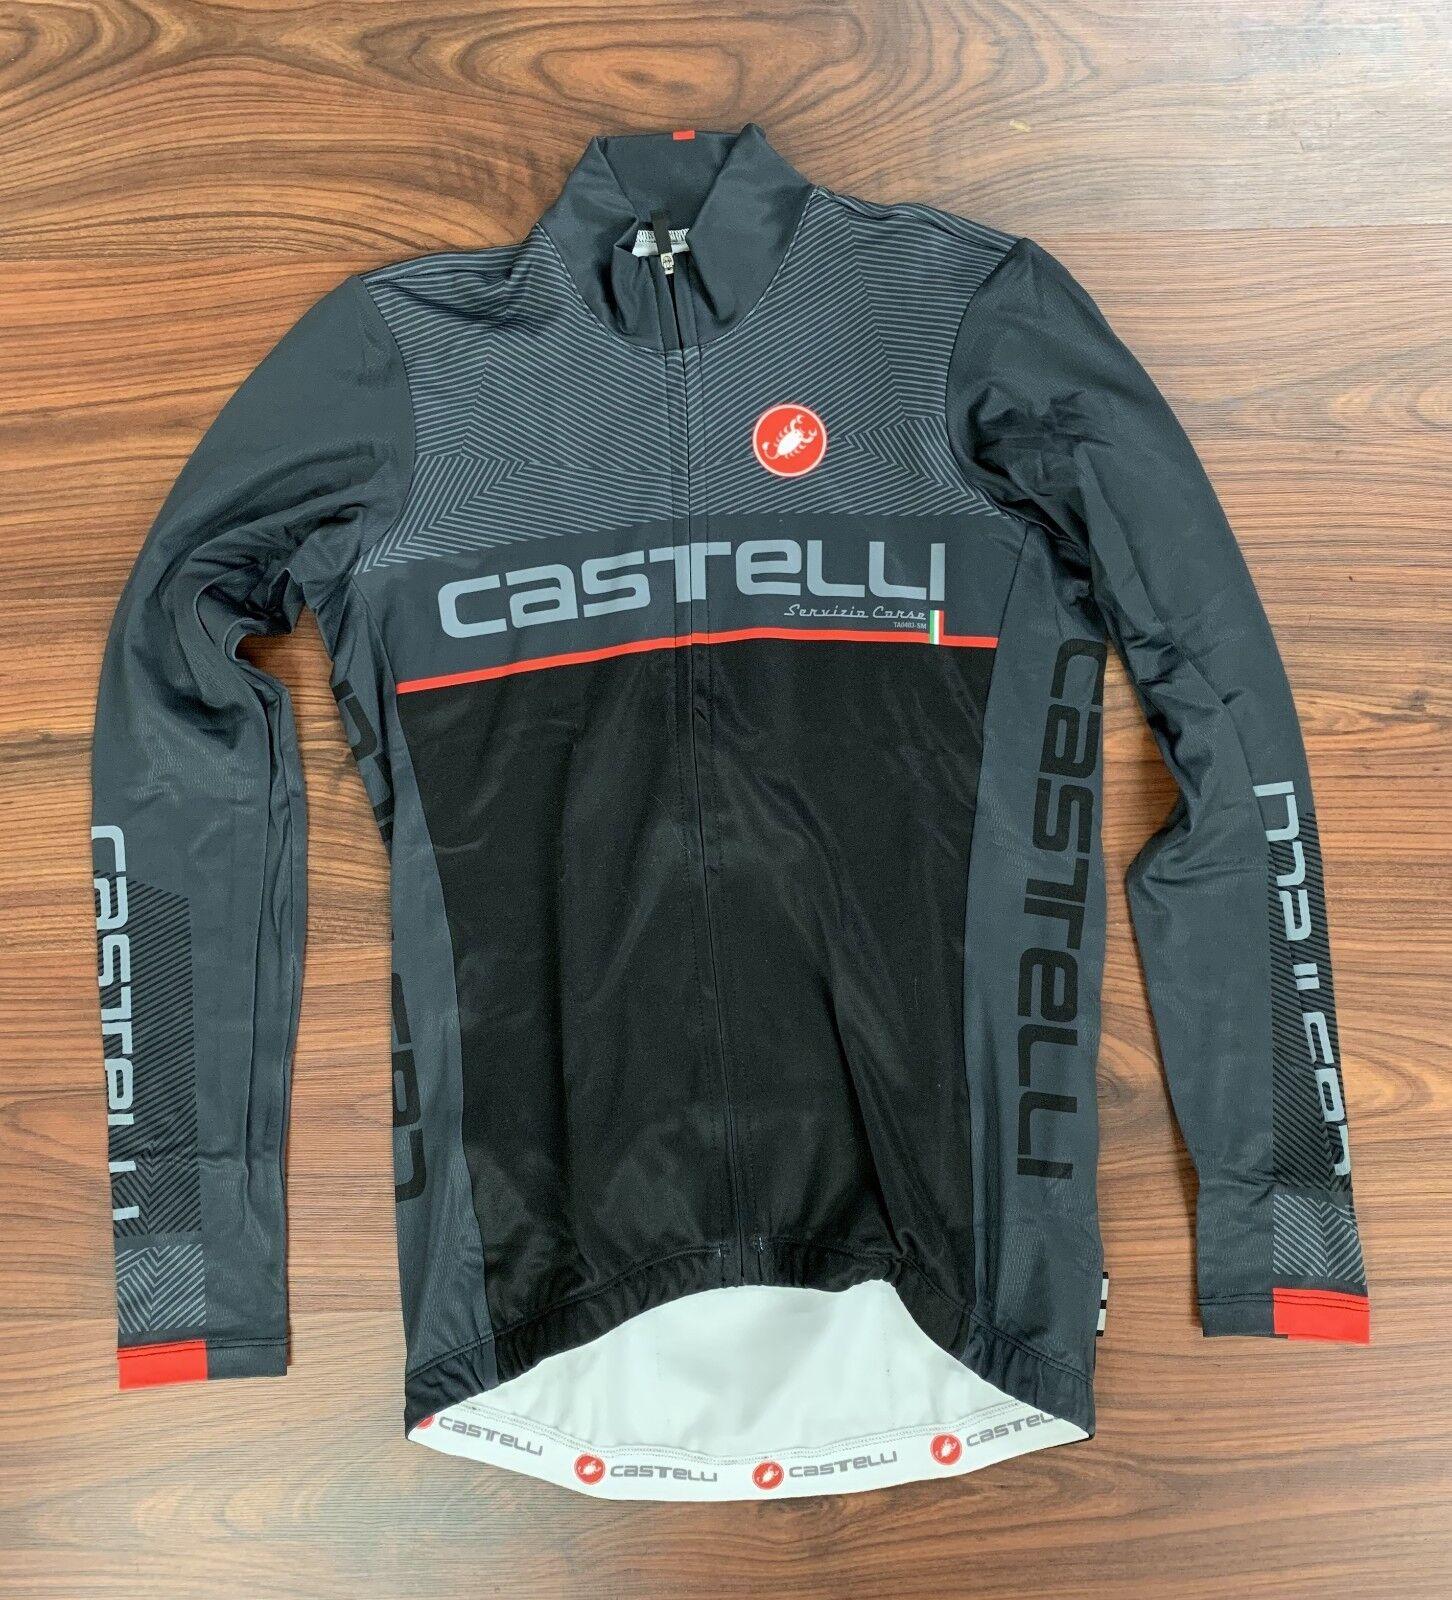 Castelli Team LS Jersey Men's XSmall New